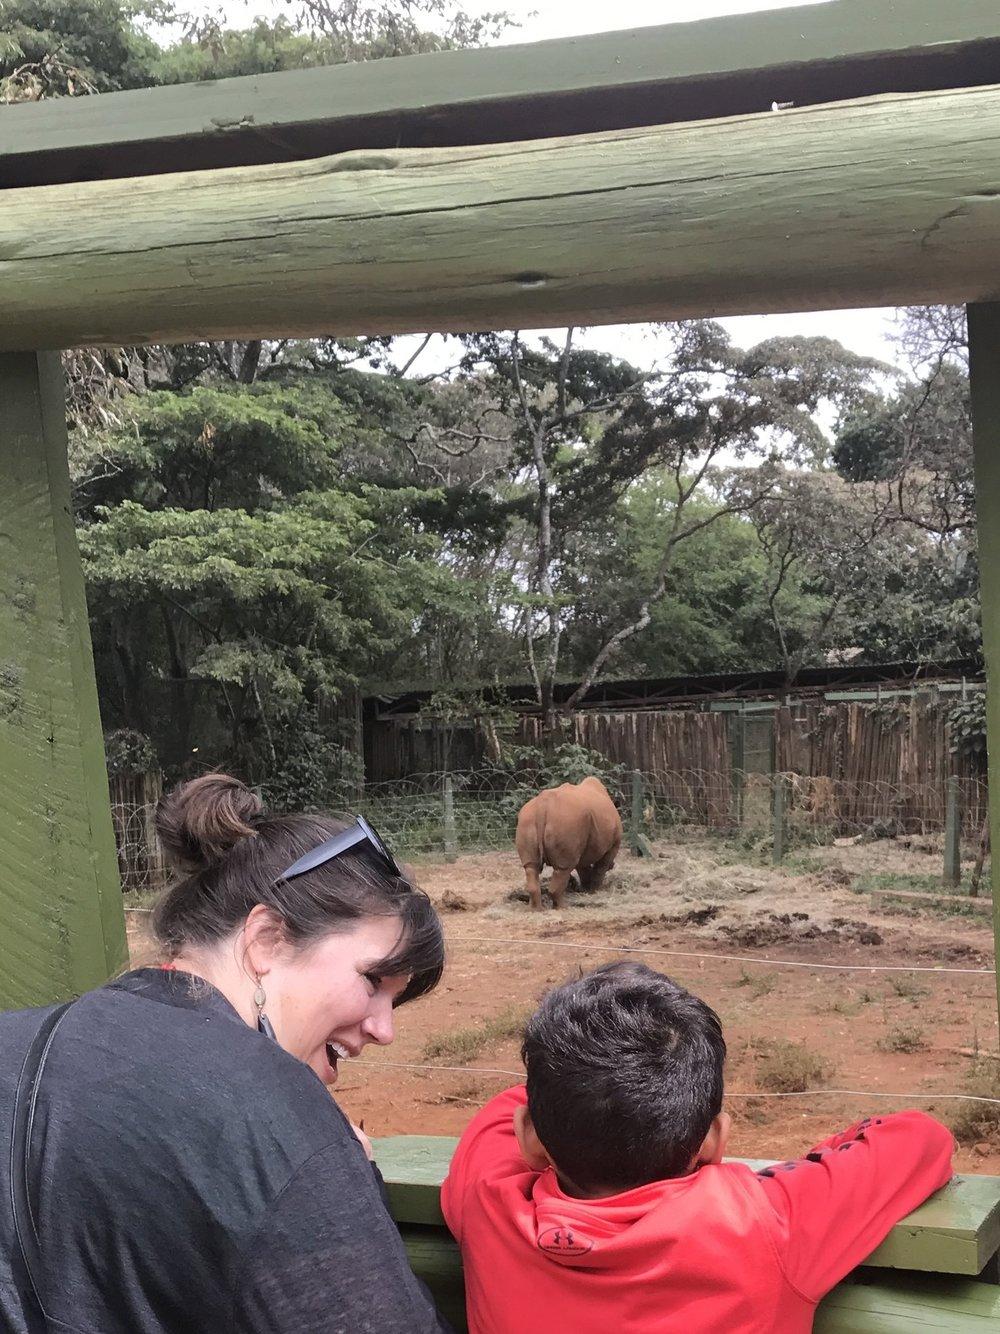 Nehemiah's pet rhino